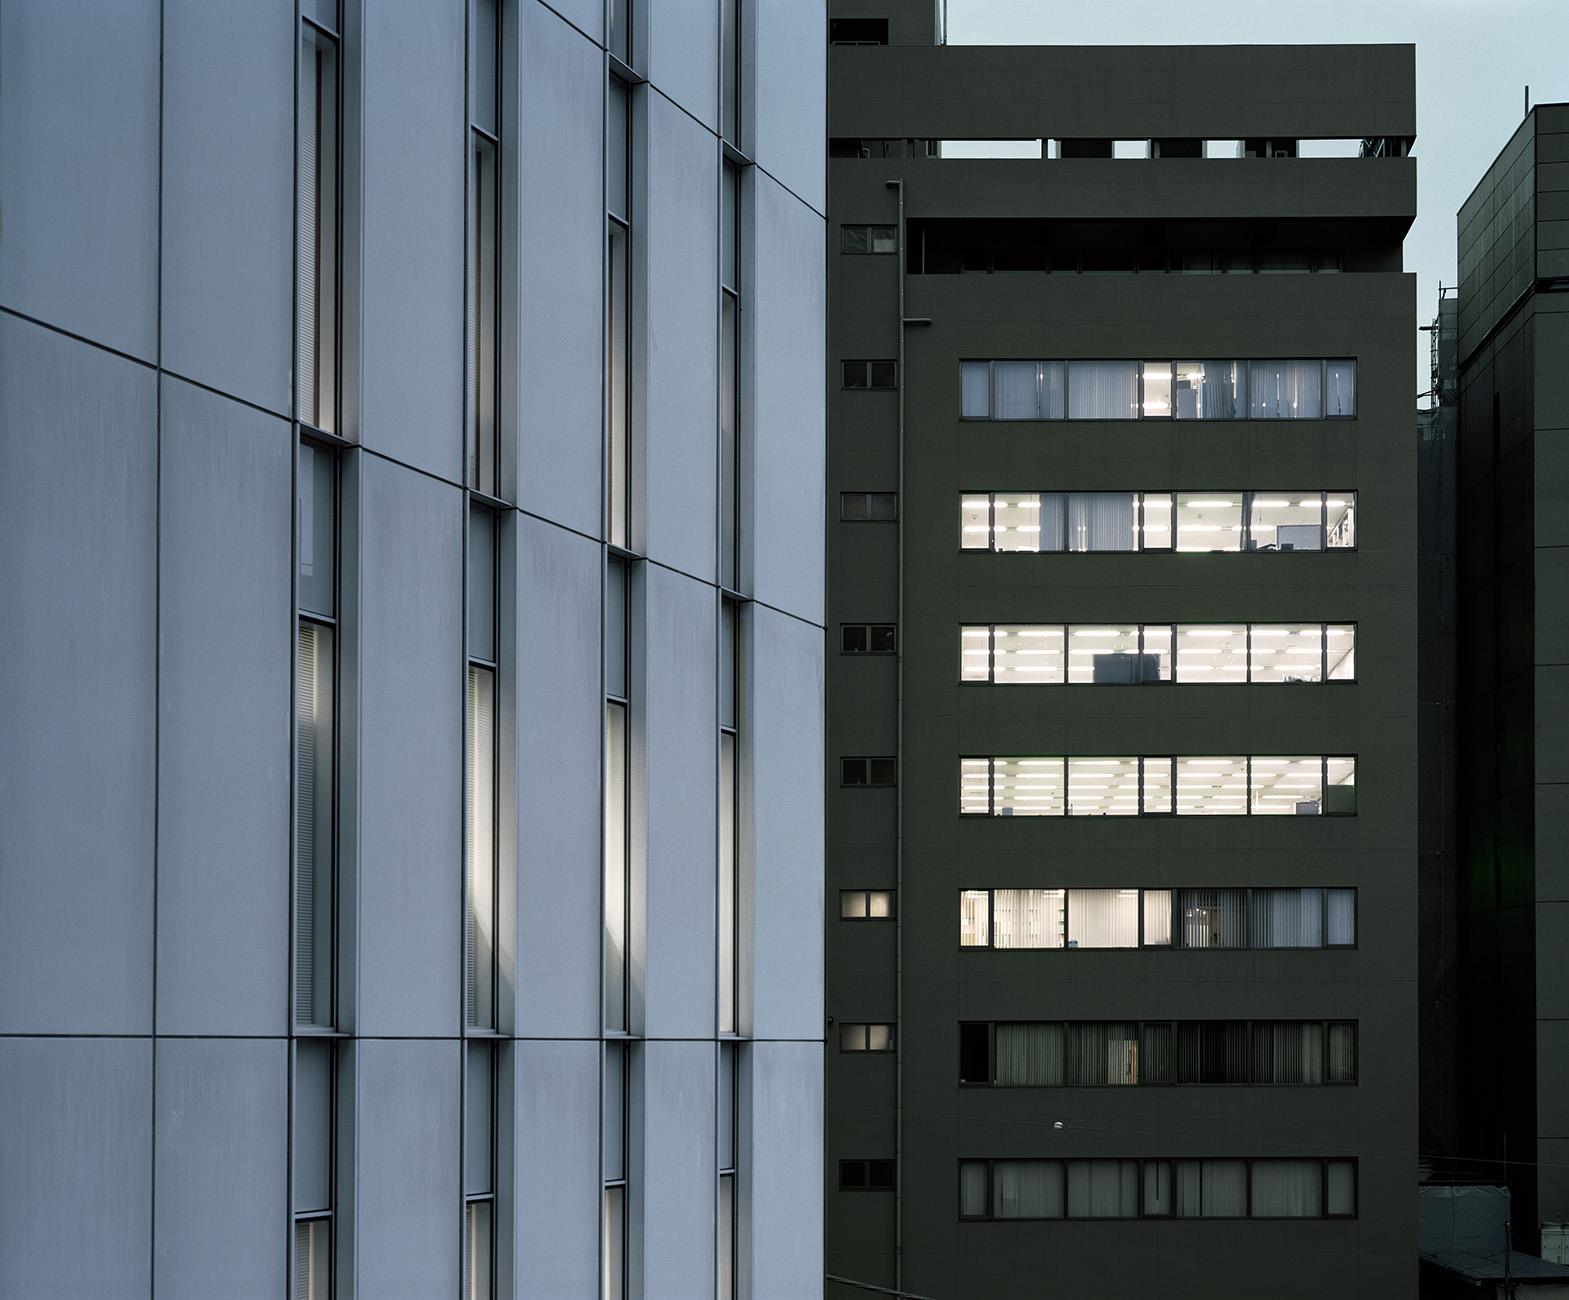 Kontor Tokyo 4x5 copy.jpg